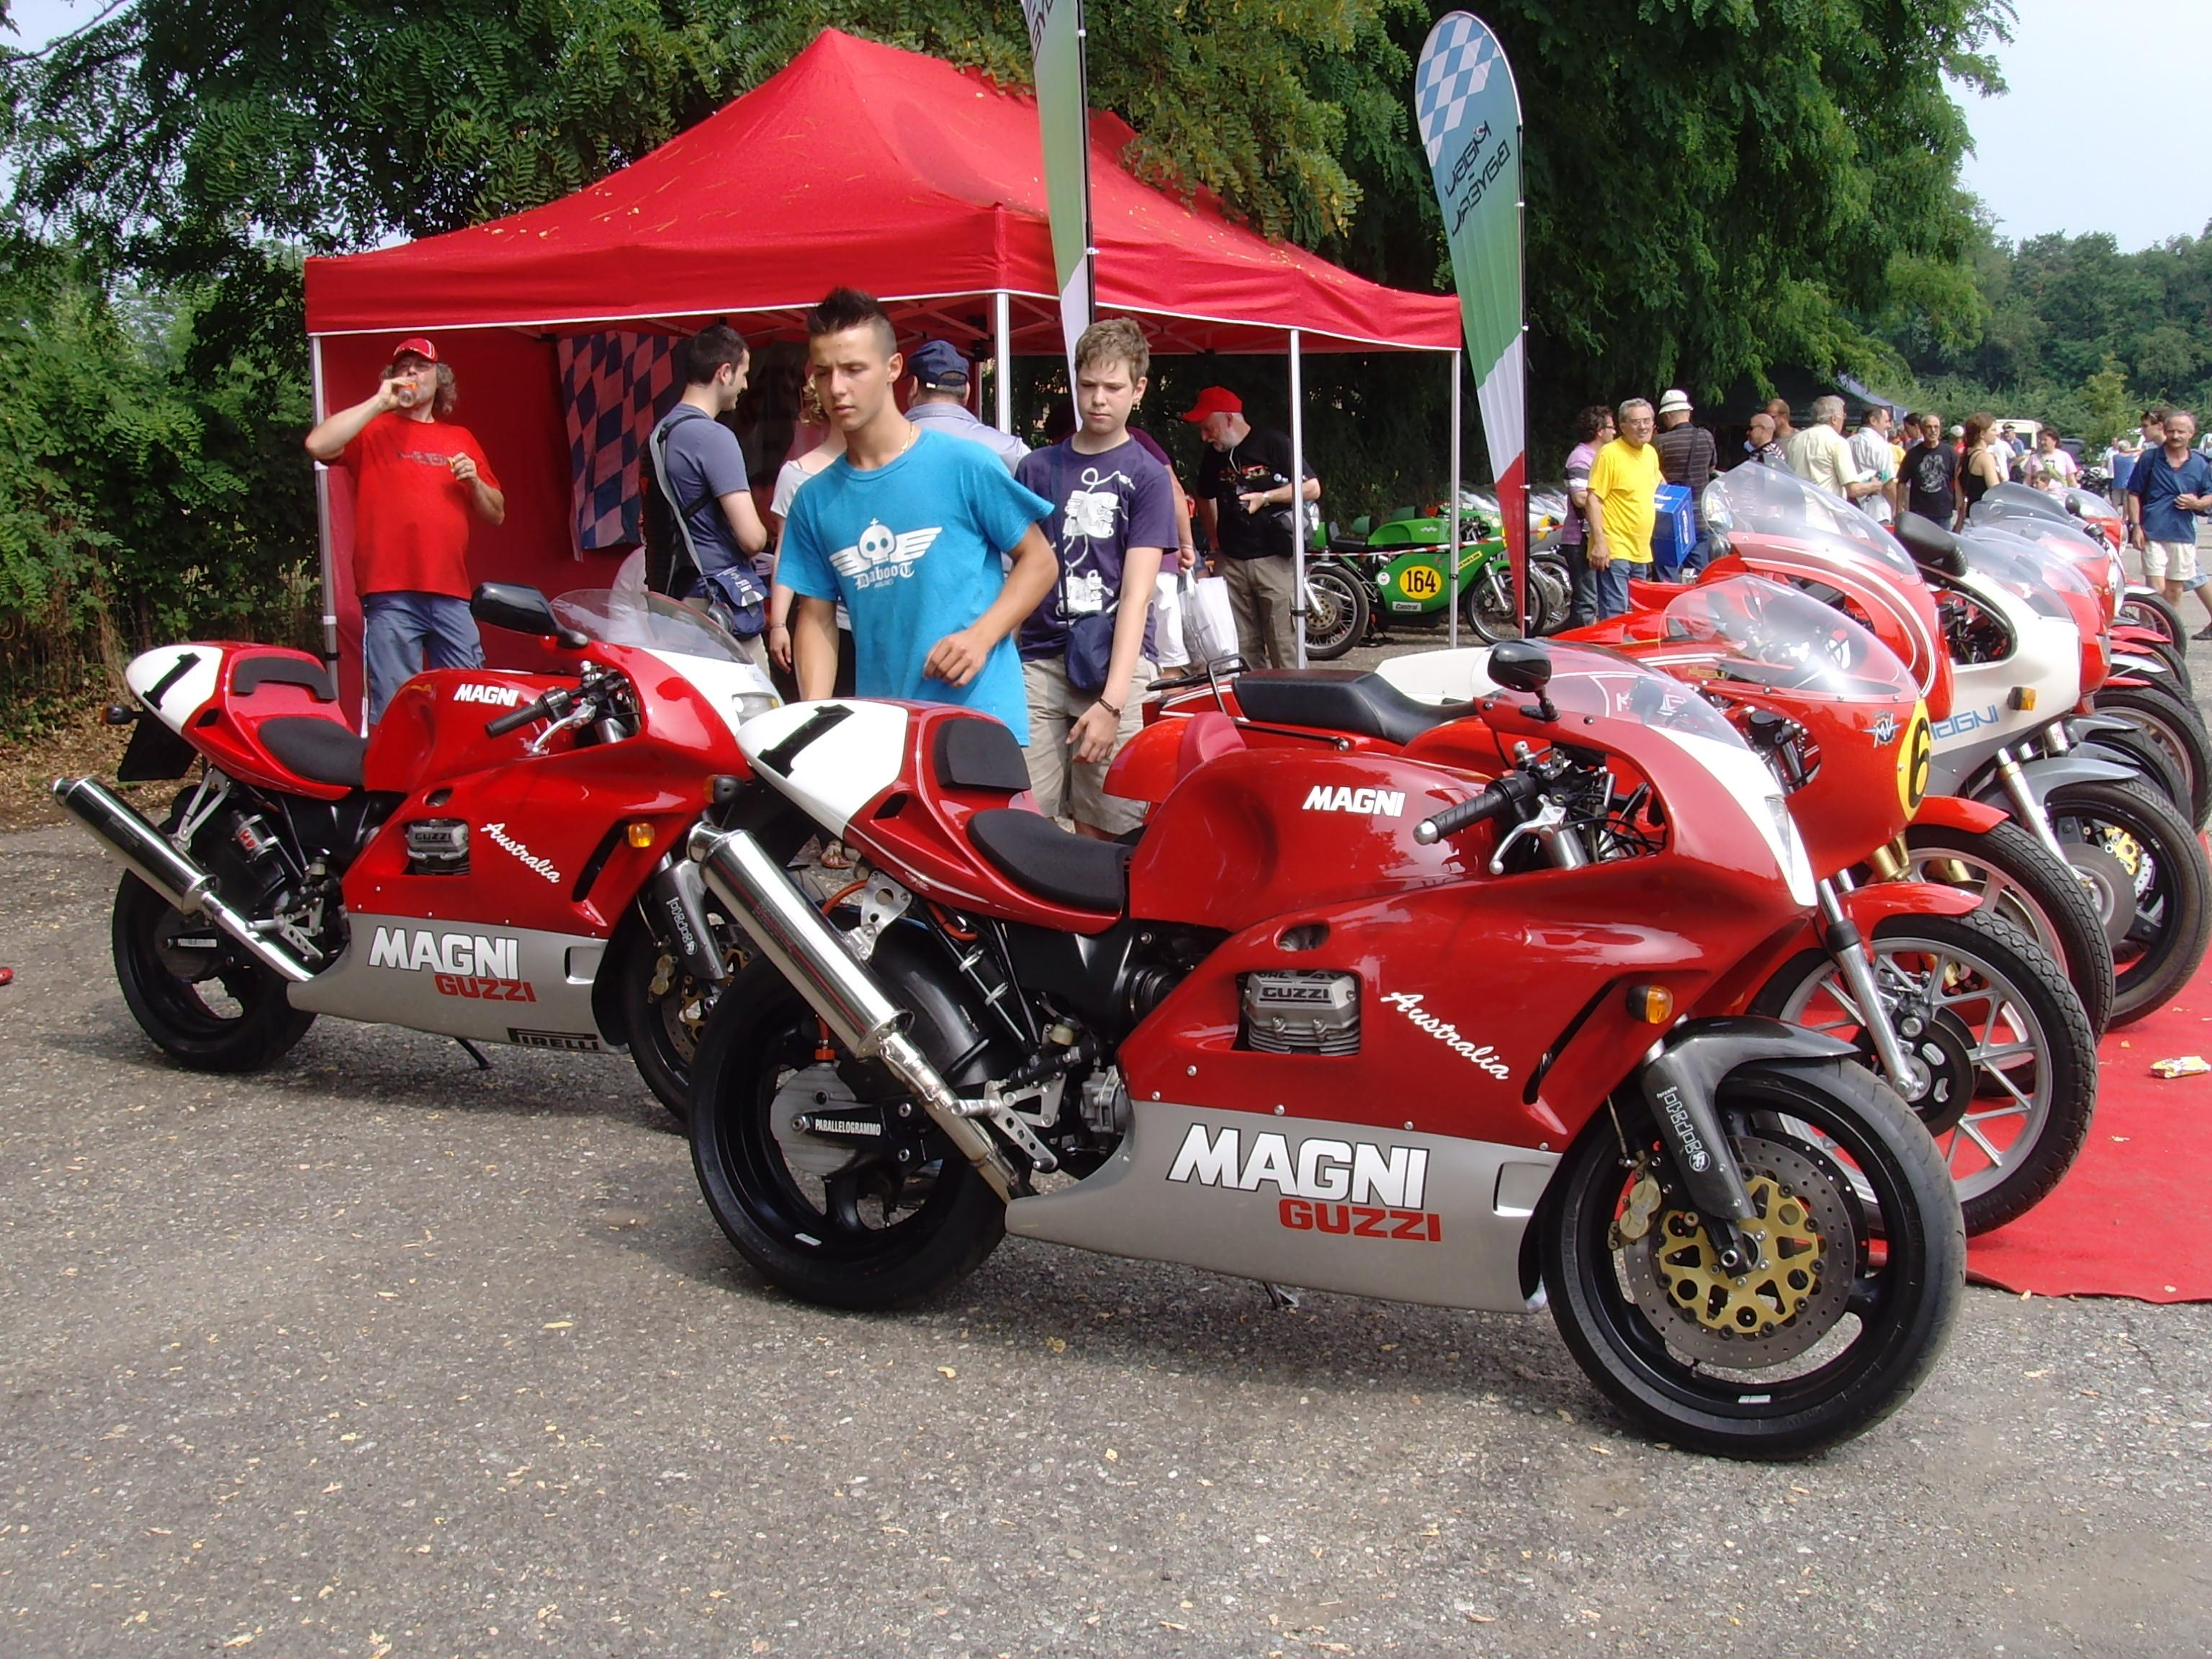 Moto Guzzi Australia Magni